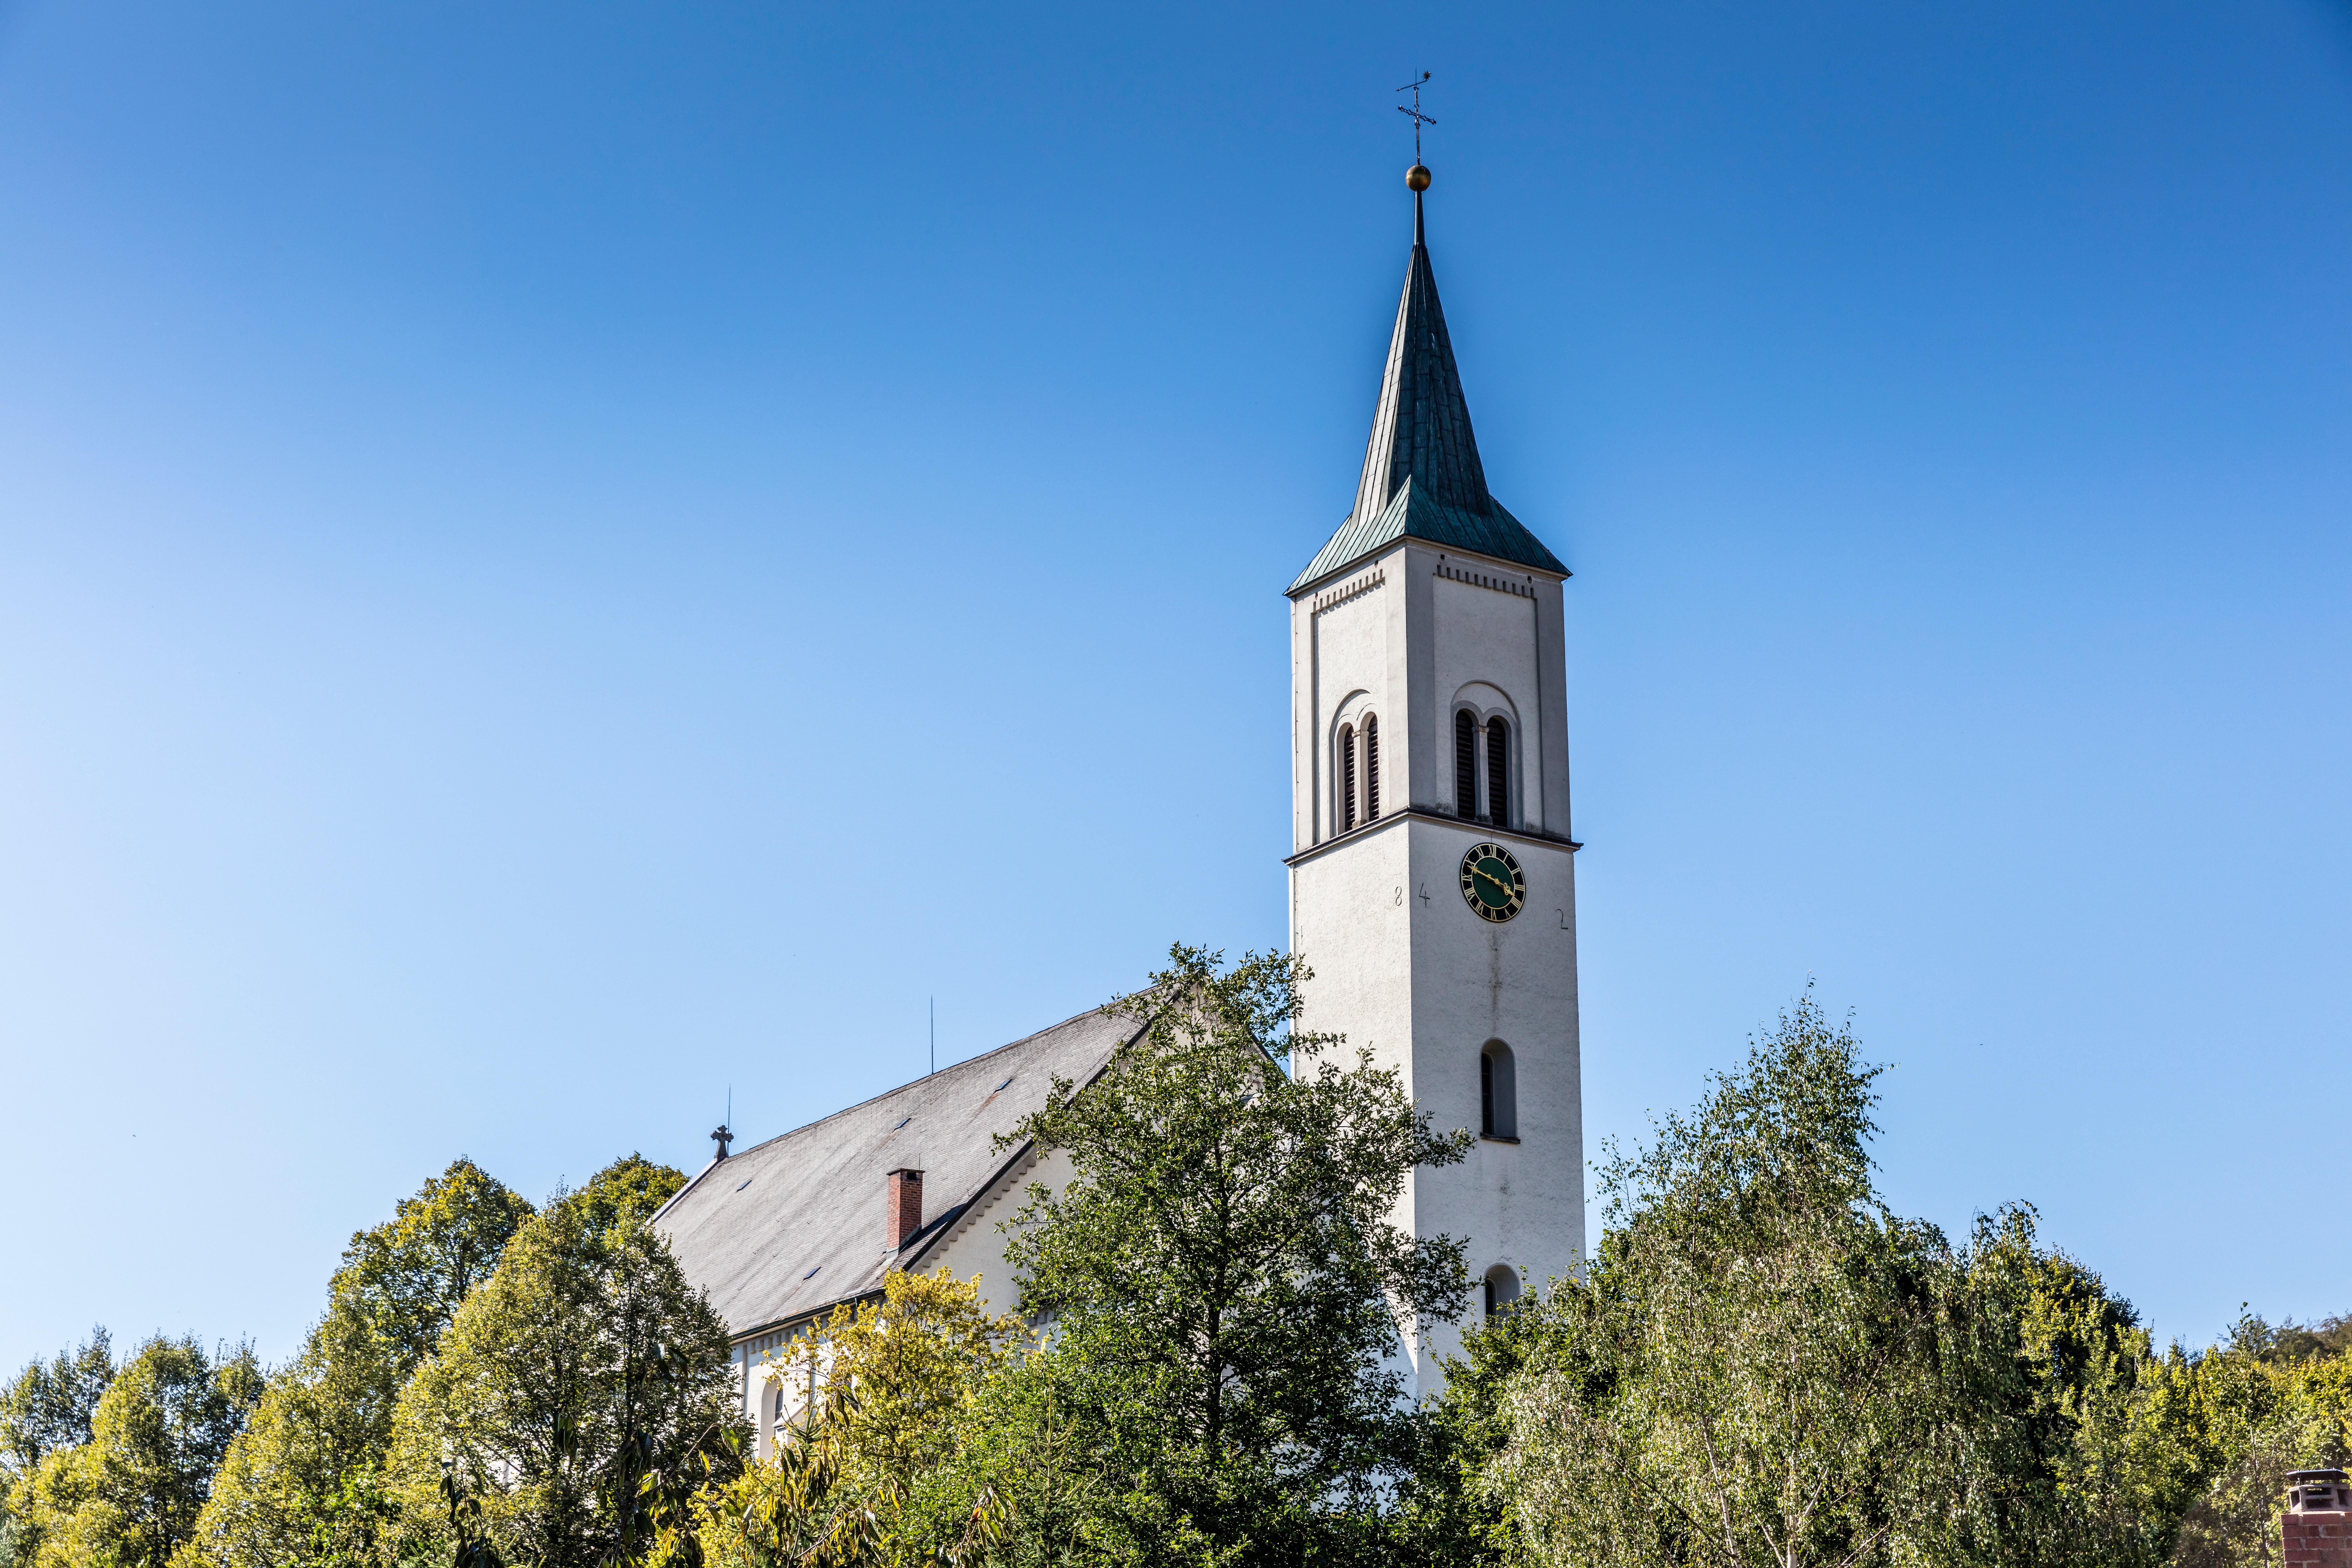 Rickenbach_Kirchturm_Fotograf Spiegelhalter